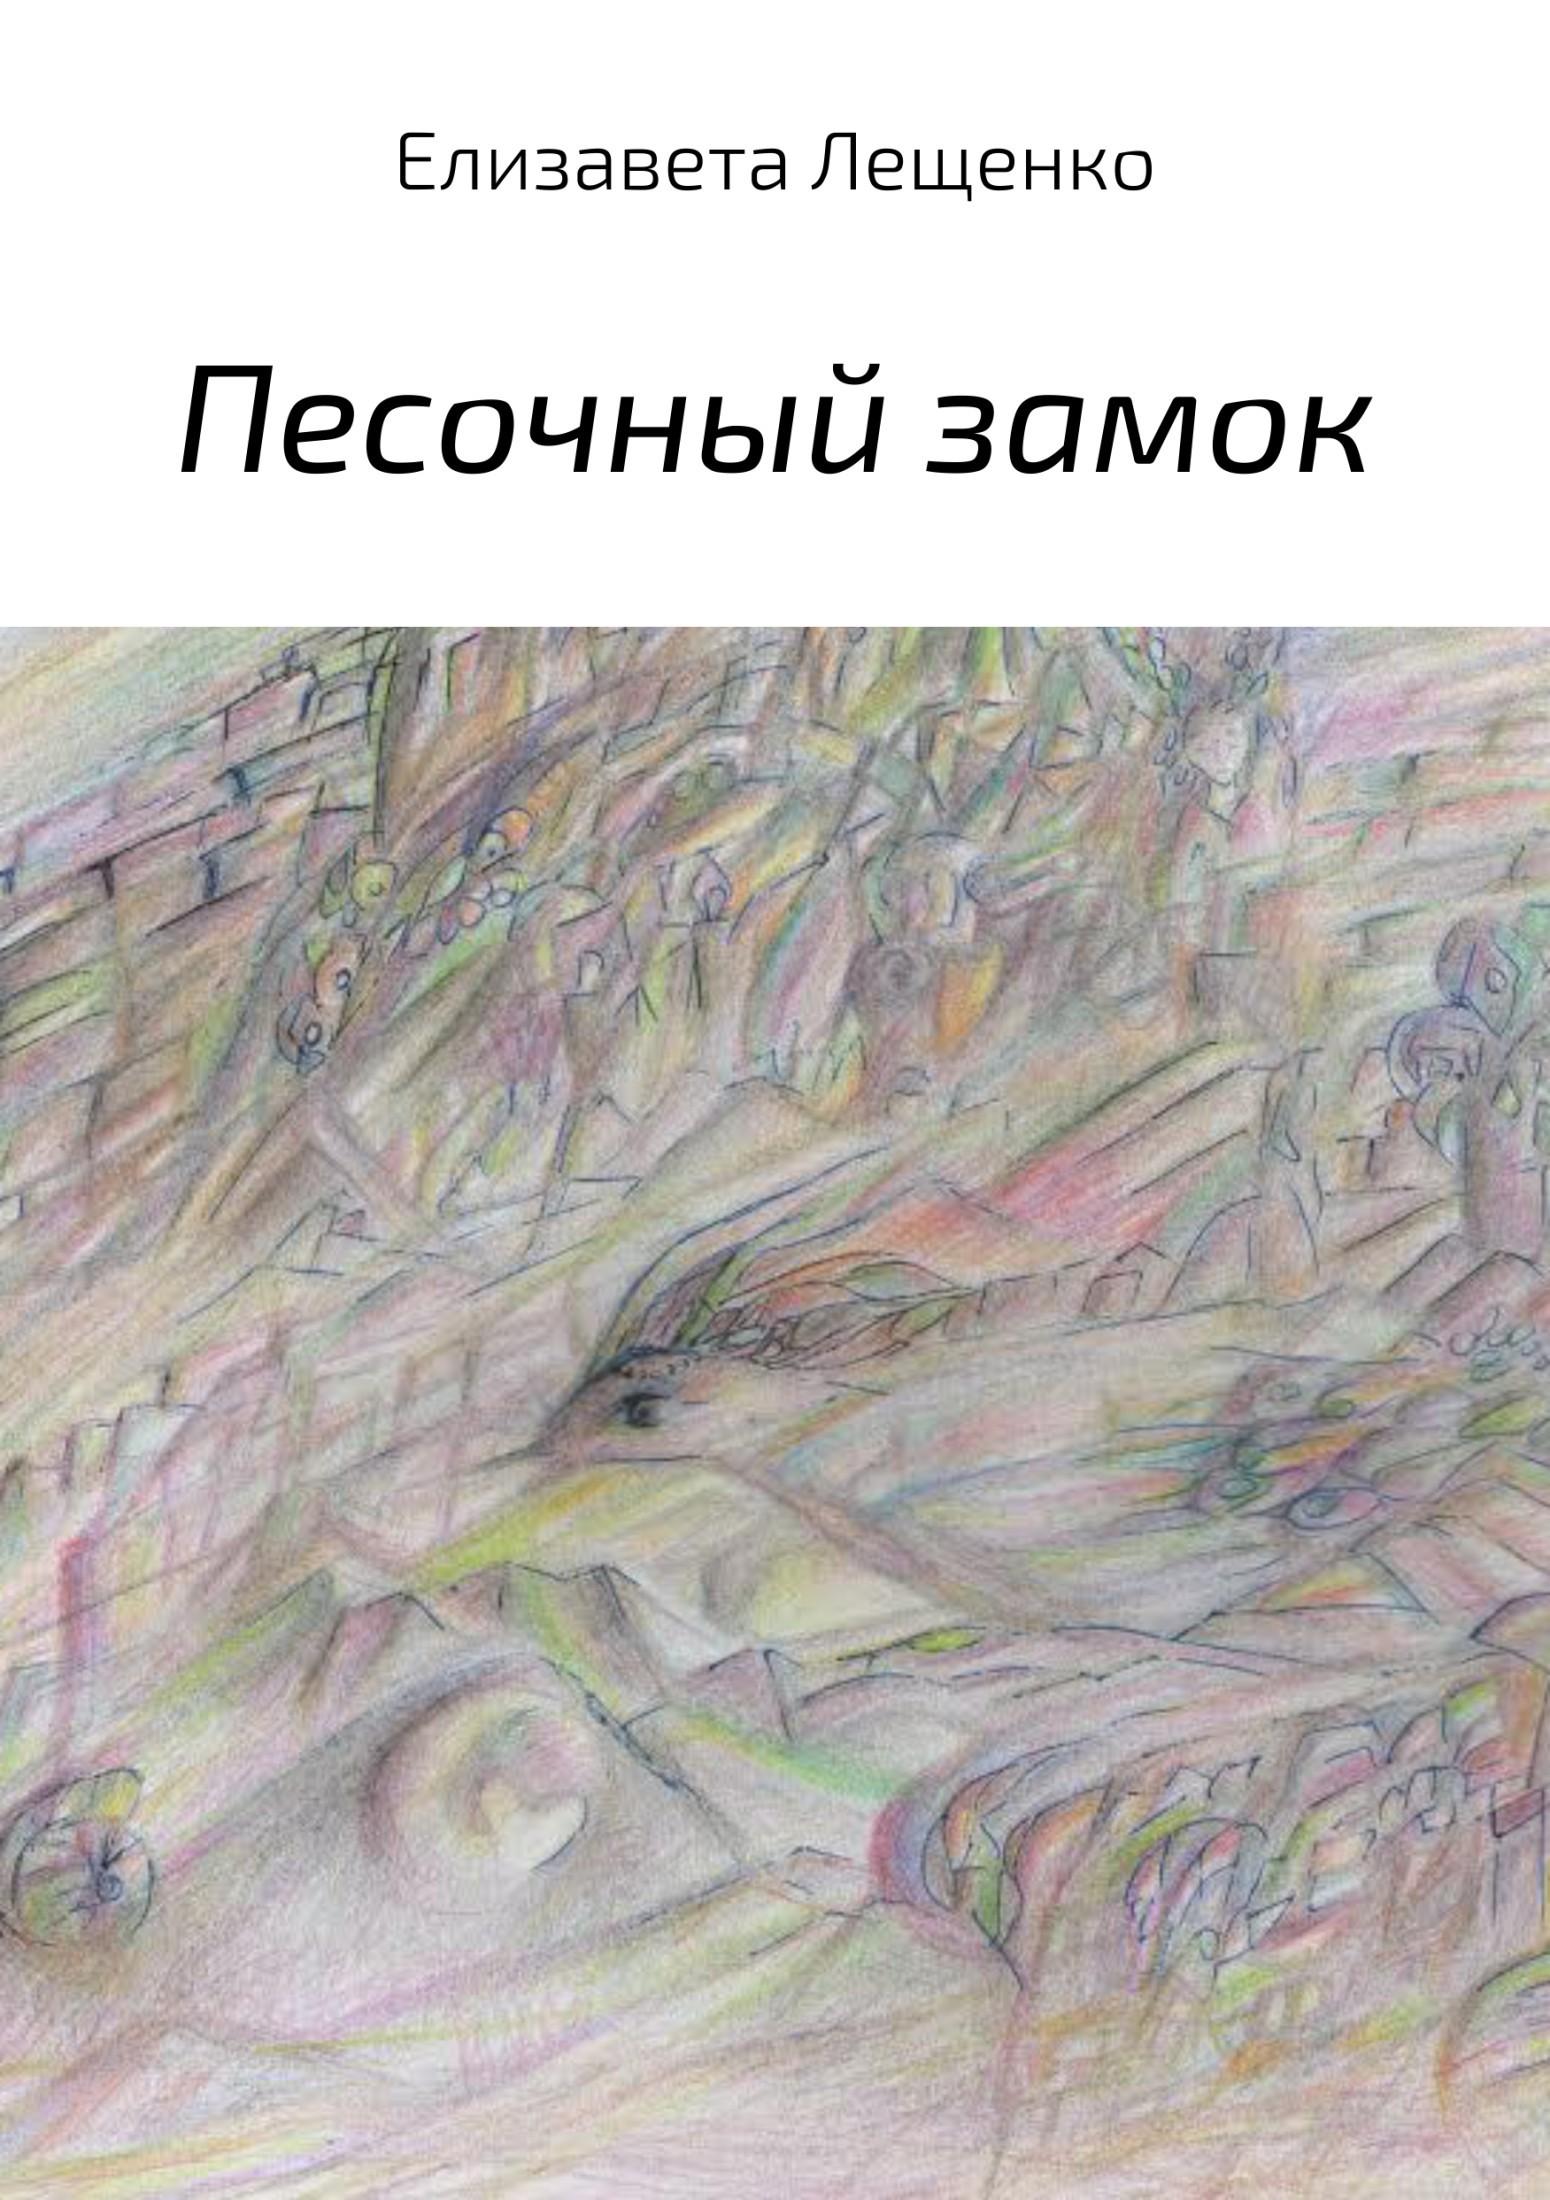 Елизавета Лещенко. Песочный замок. Сборник